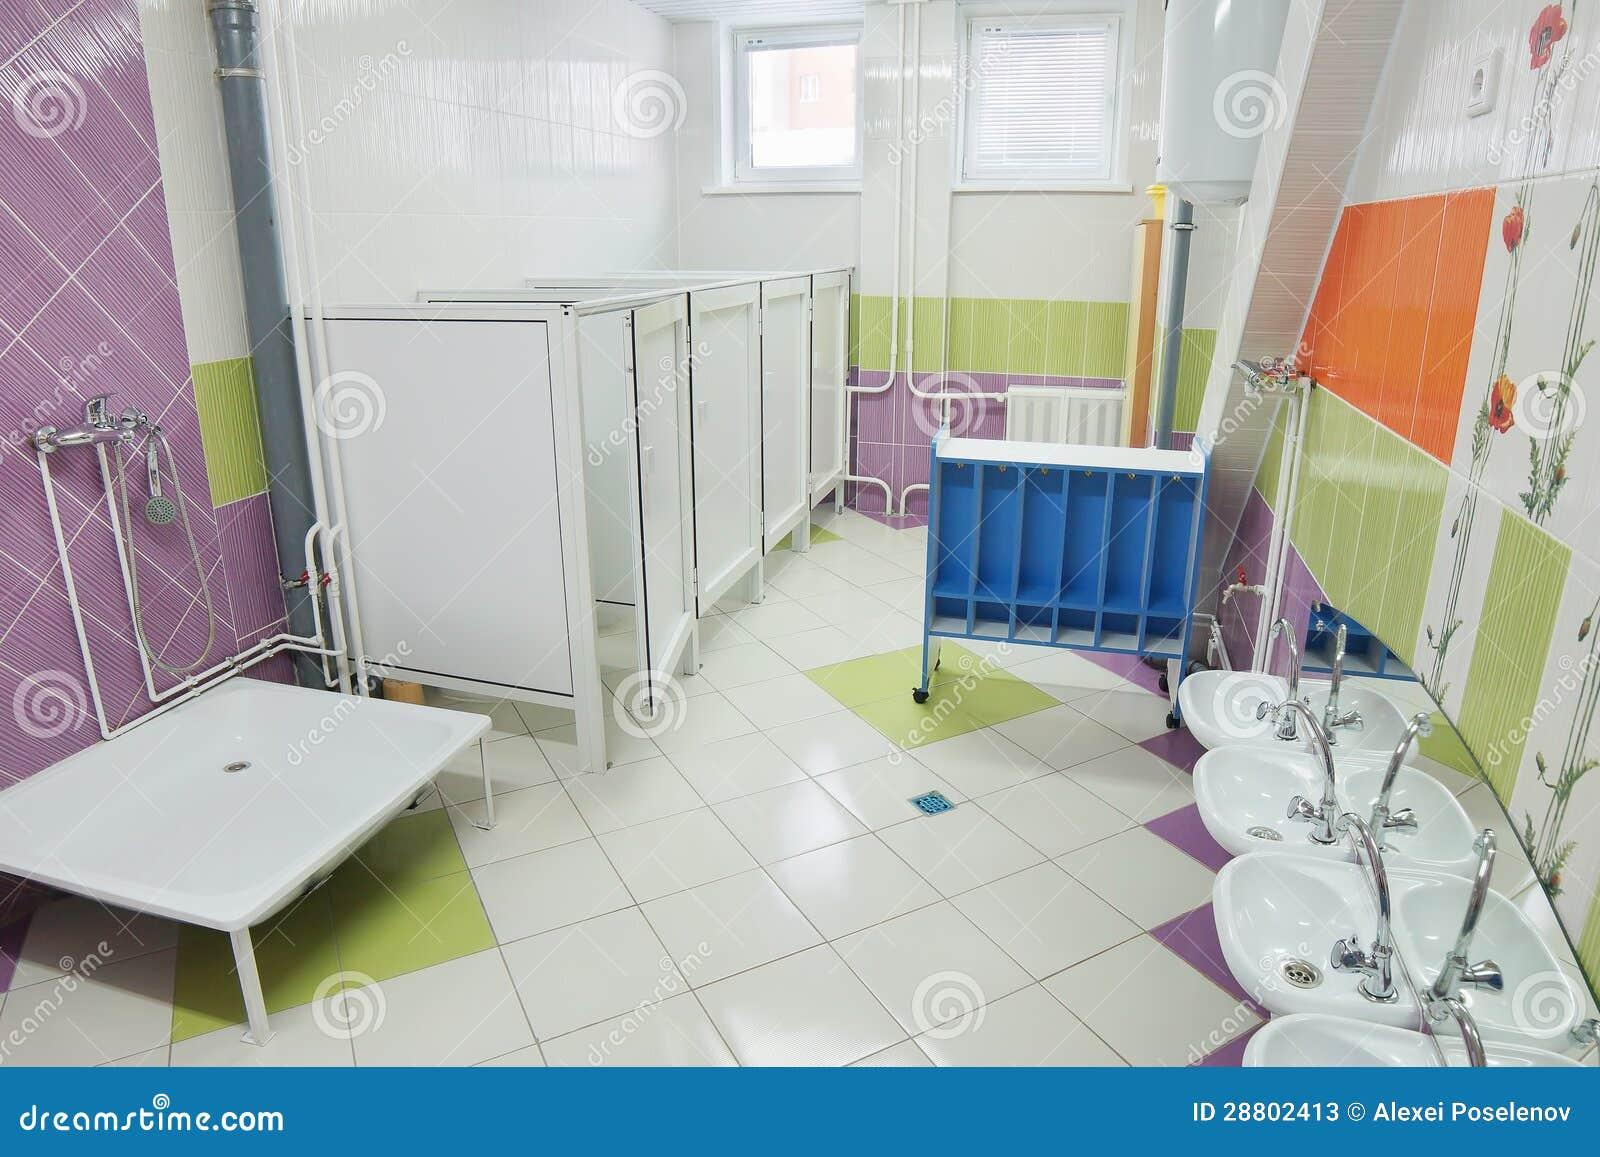 cuarto de ba o en un preescolar fotos de archivo imagen 28802413. Black Bedroom Furniture Sets. Home Design Ideas